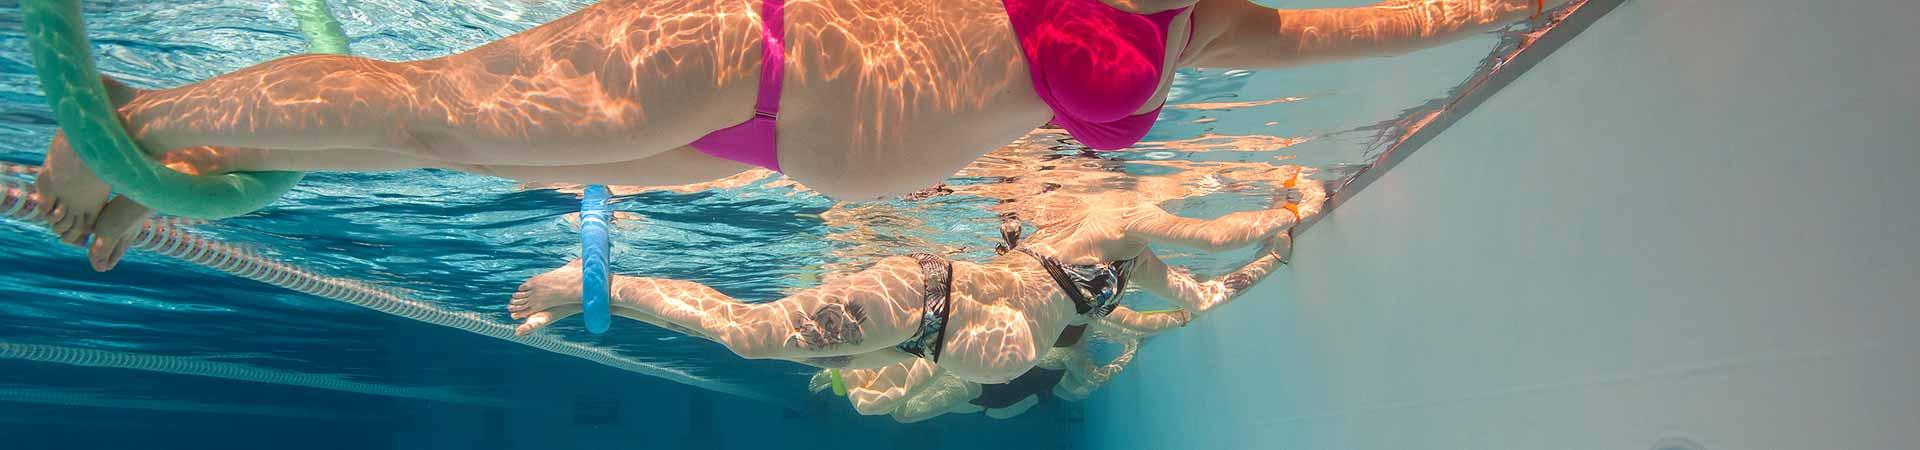 Vingrošana grūtniecēm peldbaseinā